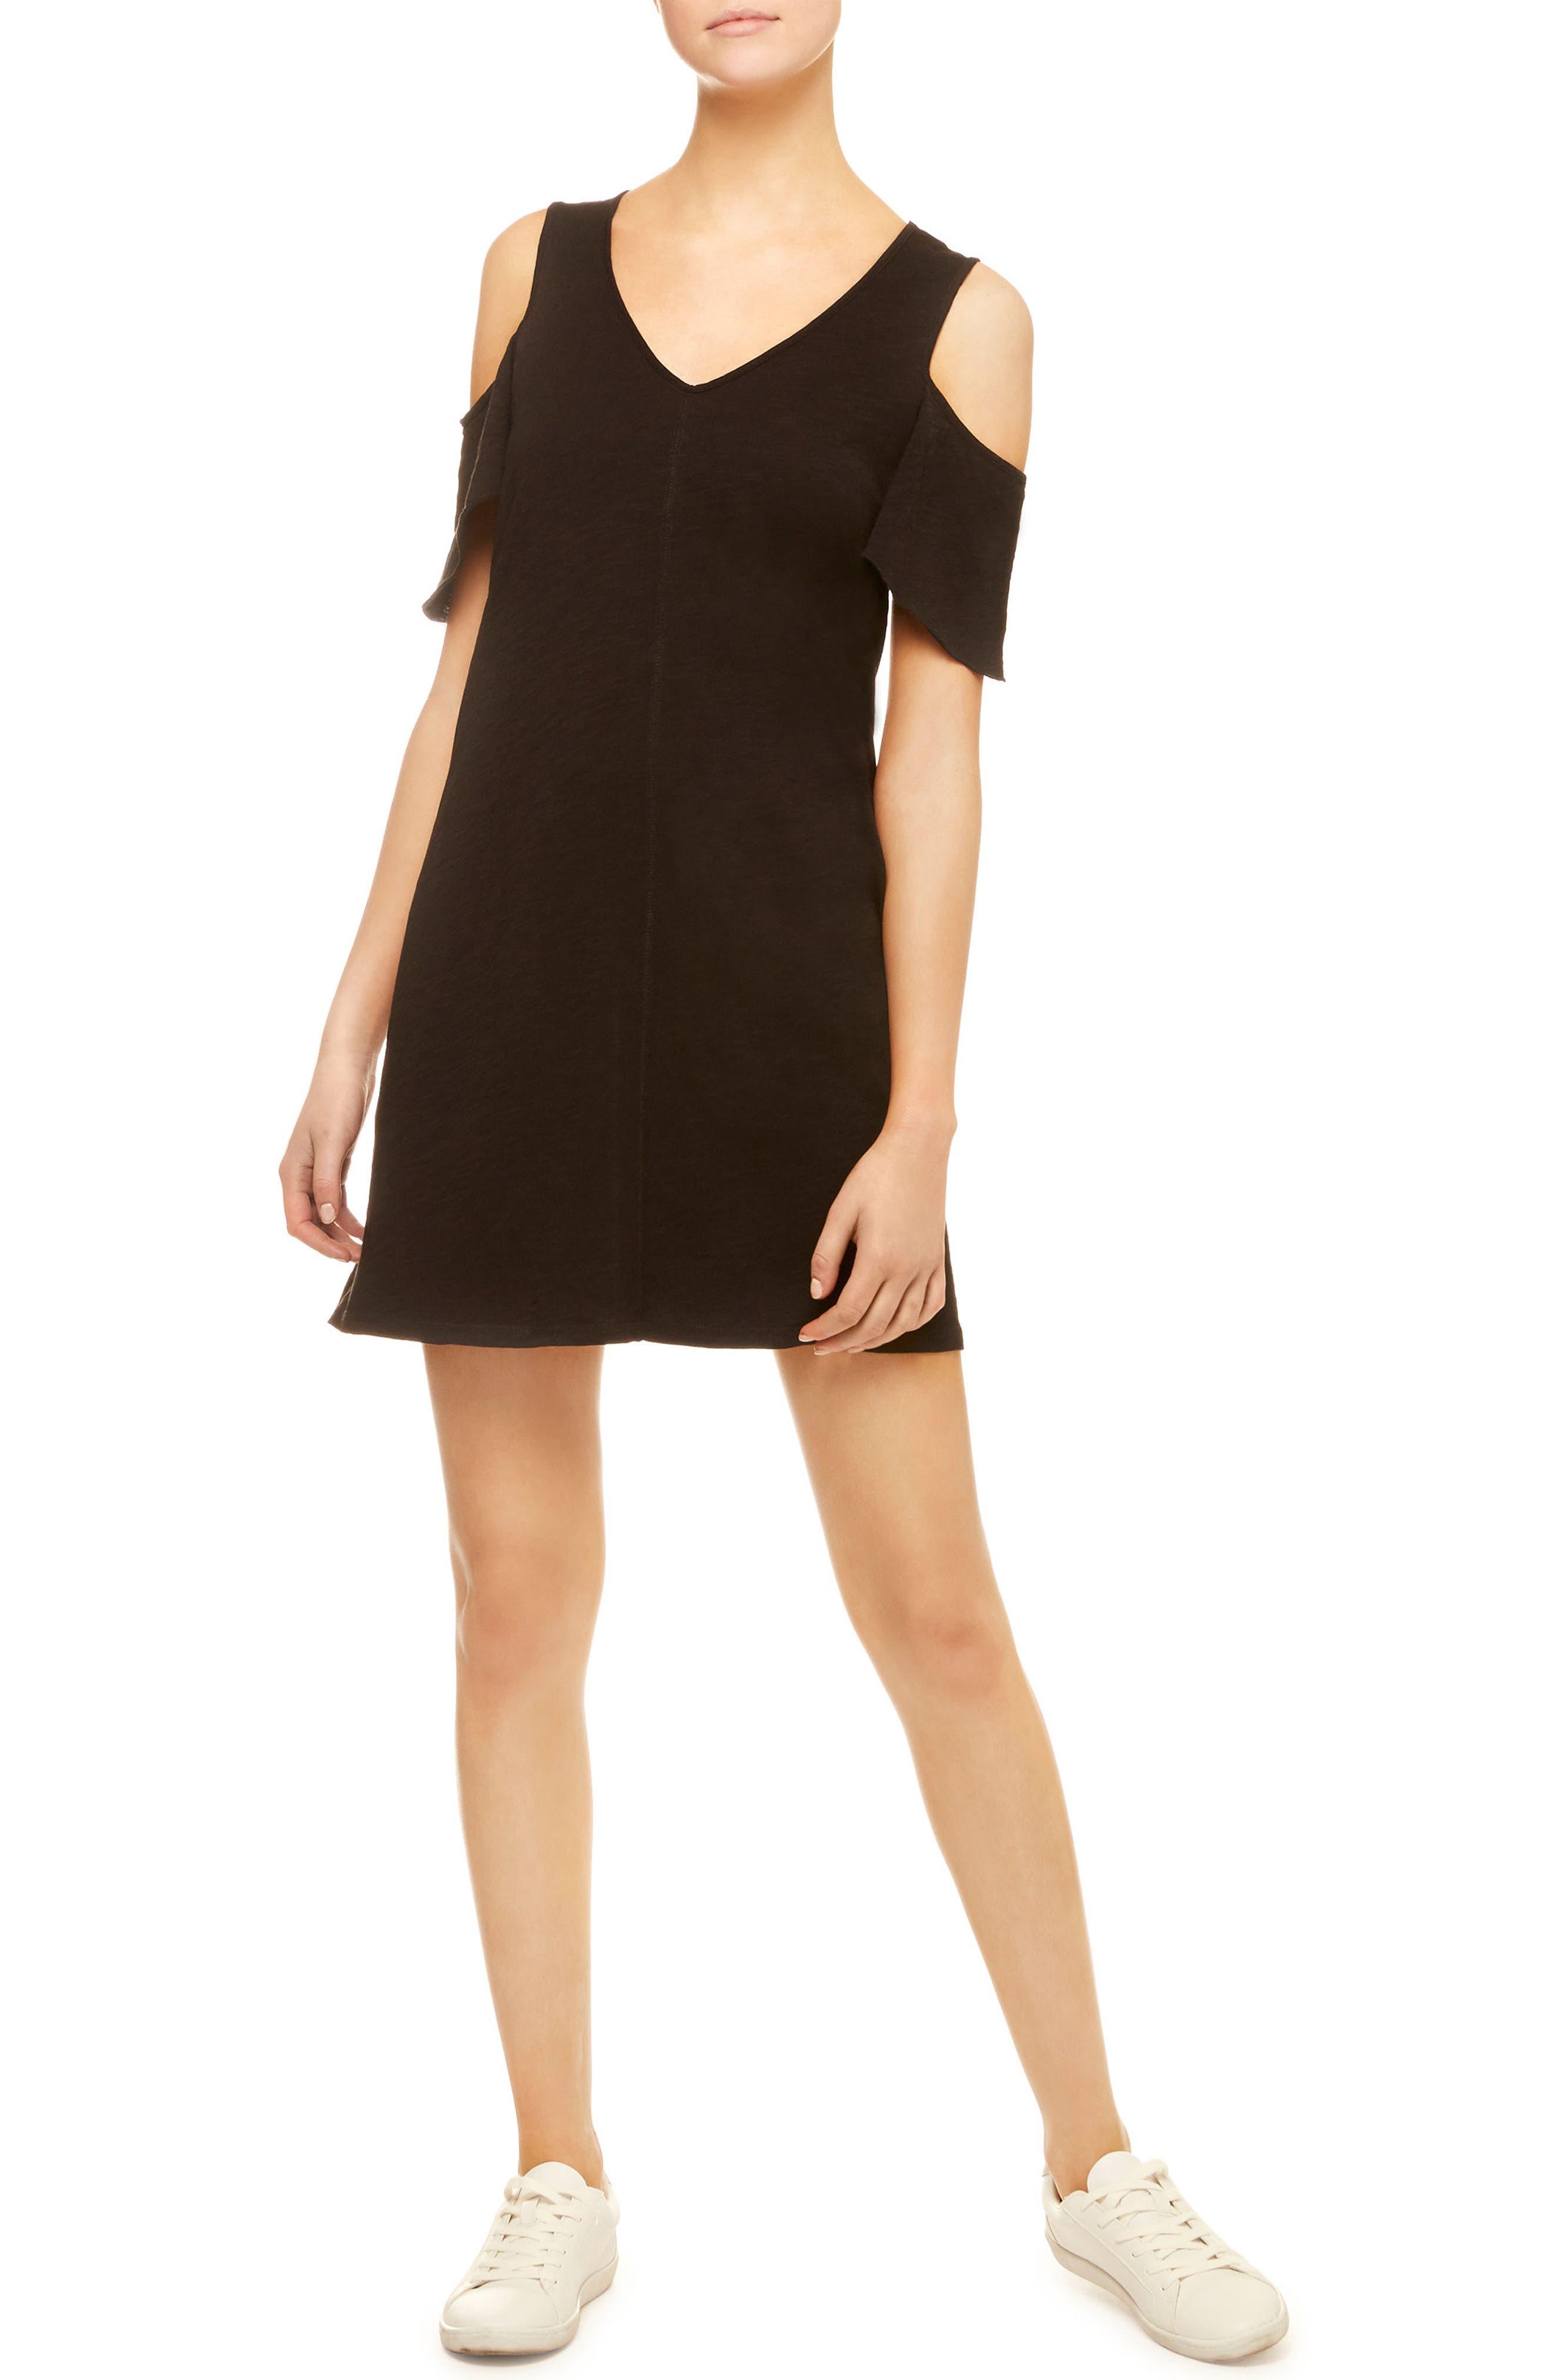 Sanctuary Jolene Cotton Jersey Cold Shoulder Dress